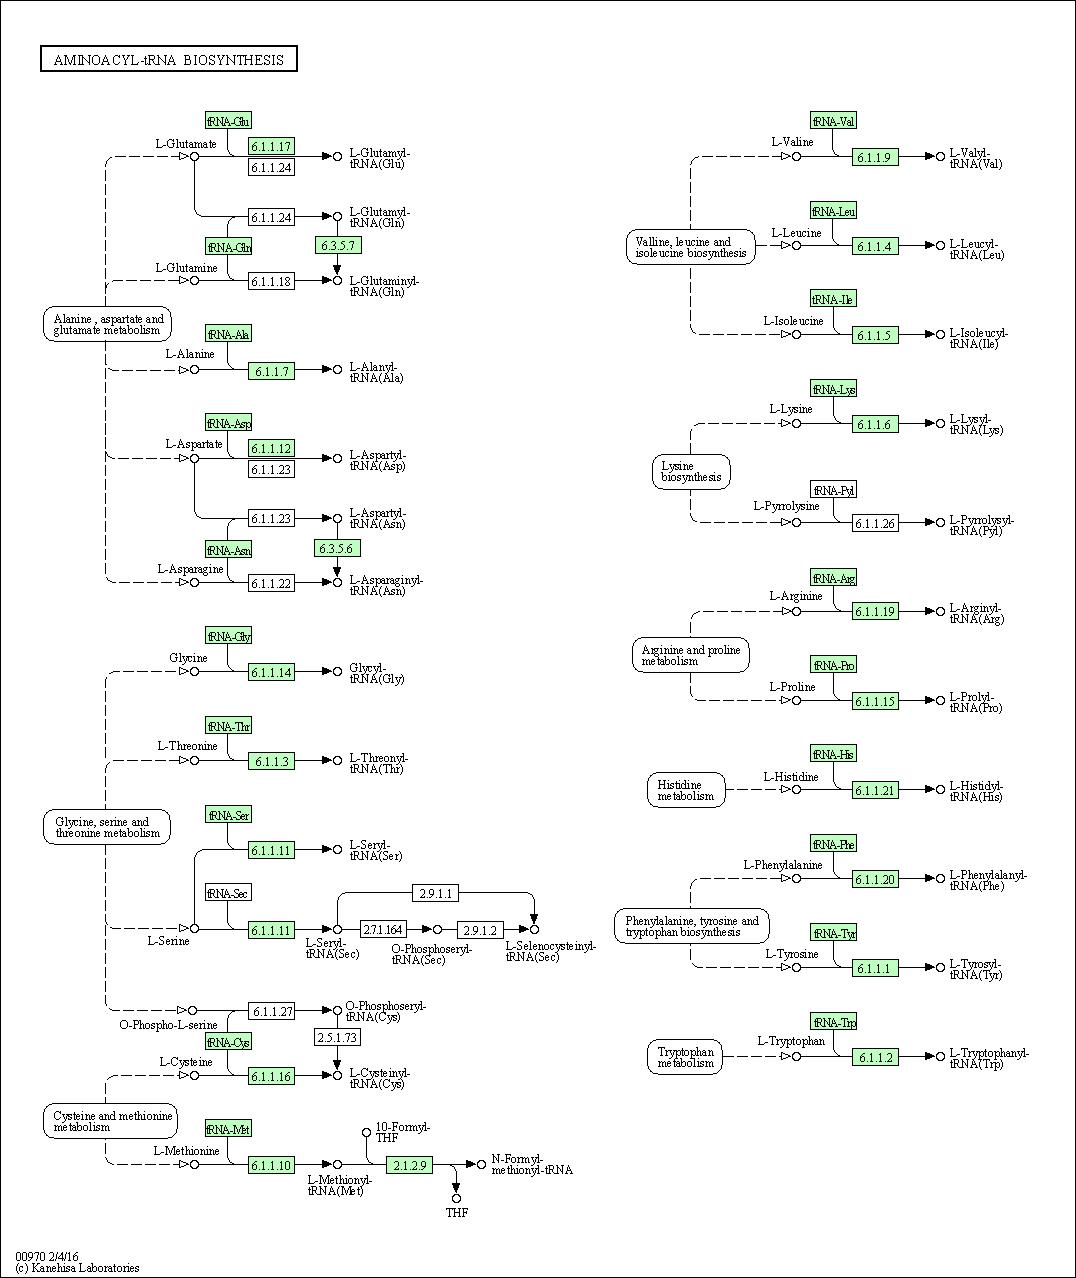 KEGG PATHWAY: Aminoacyl-tRNA biosynthesis - Bartonella